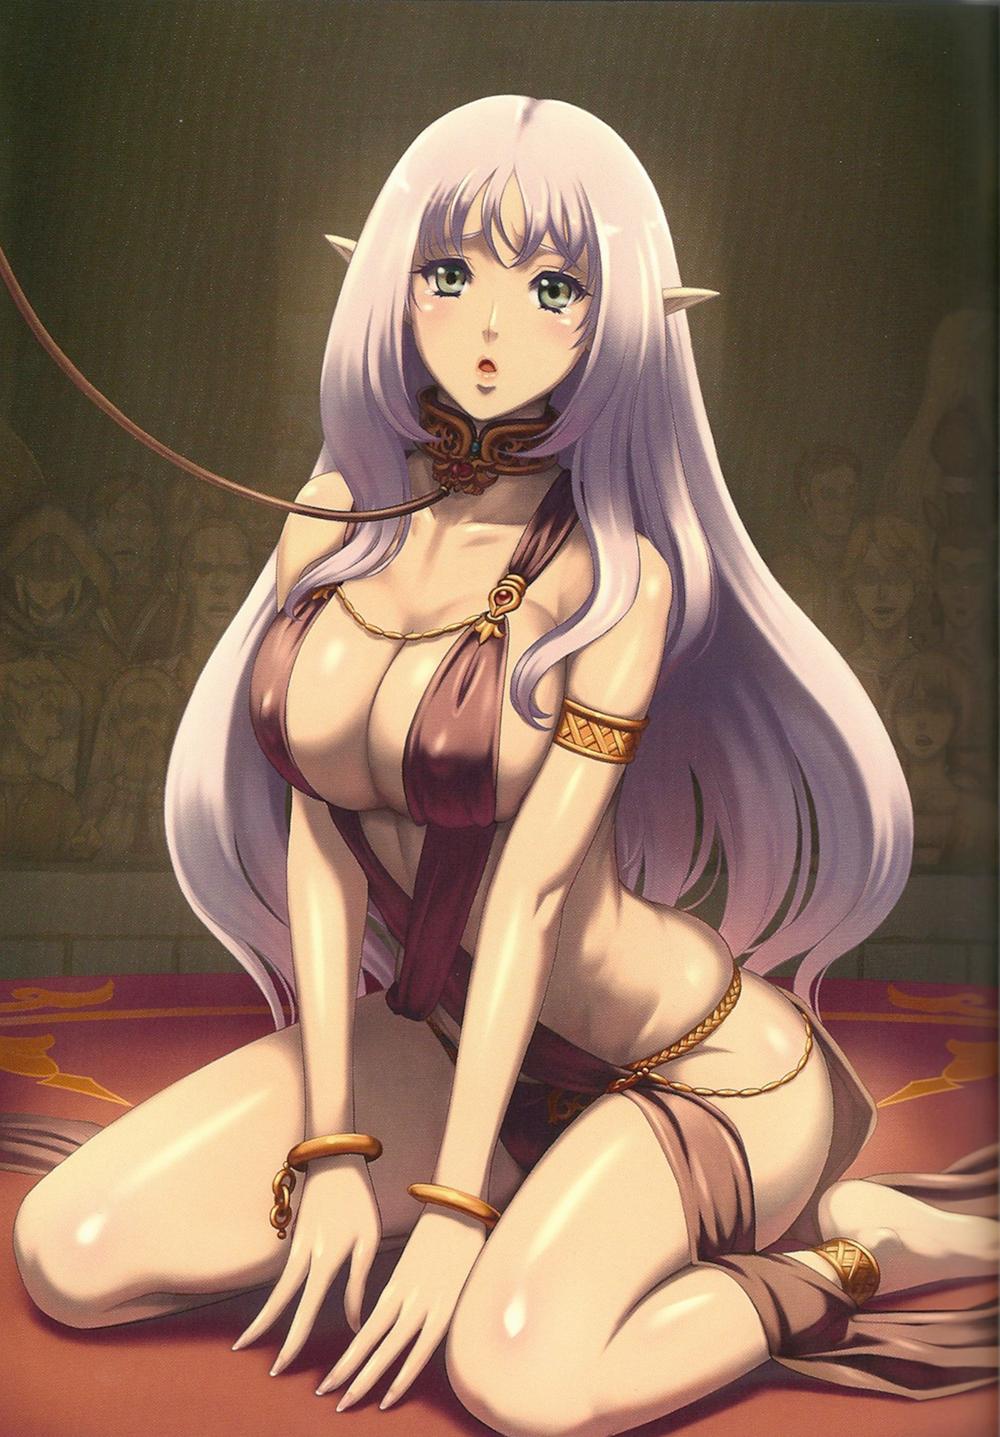 Dark elf queen nude sex scene